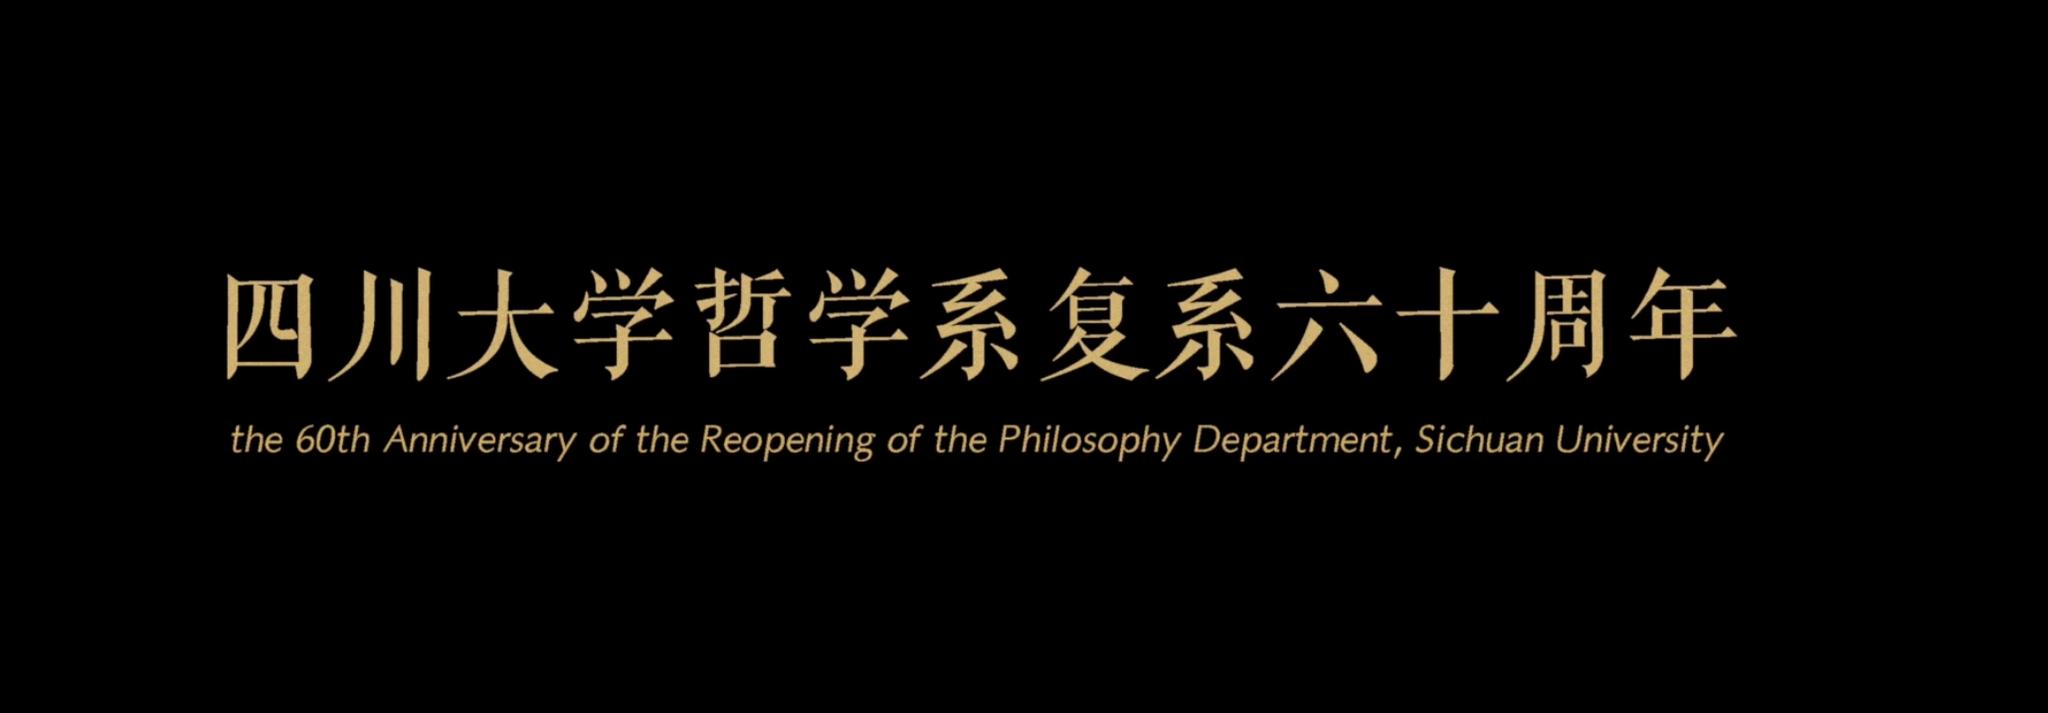 """红星评论丨四川大学哲学系""""独立"""",思想的胜利?"""